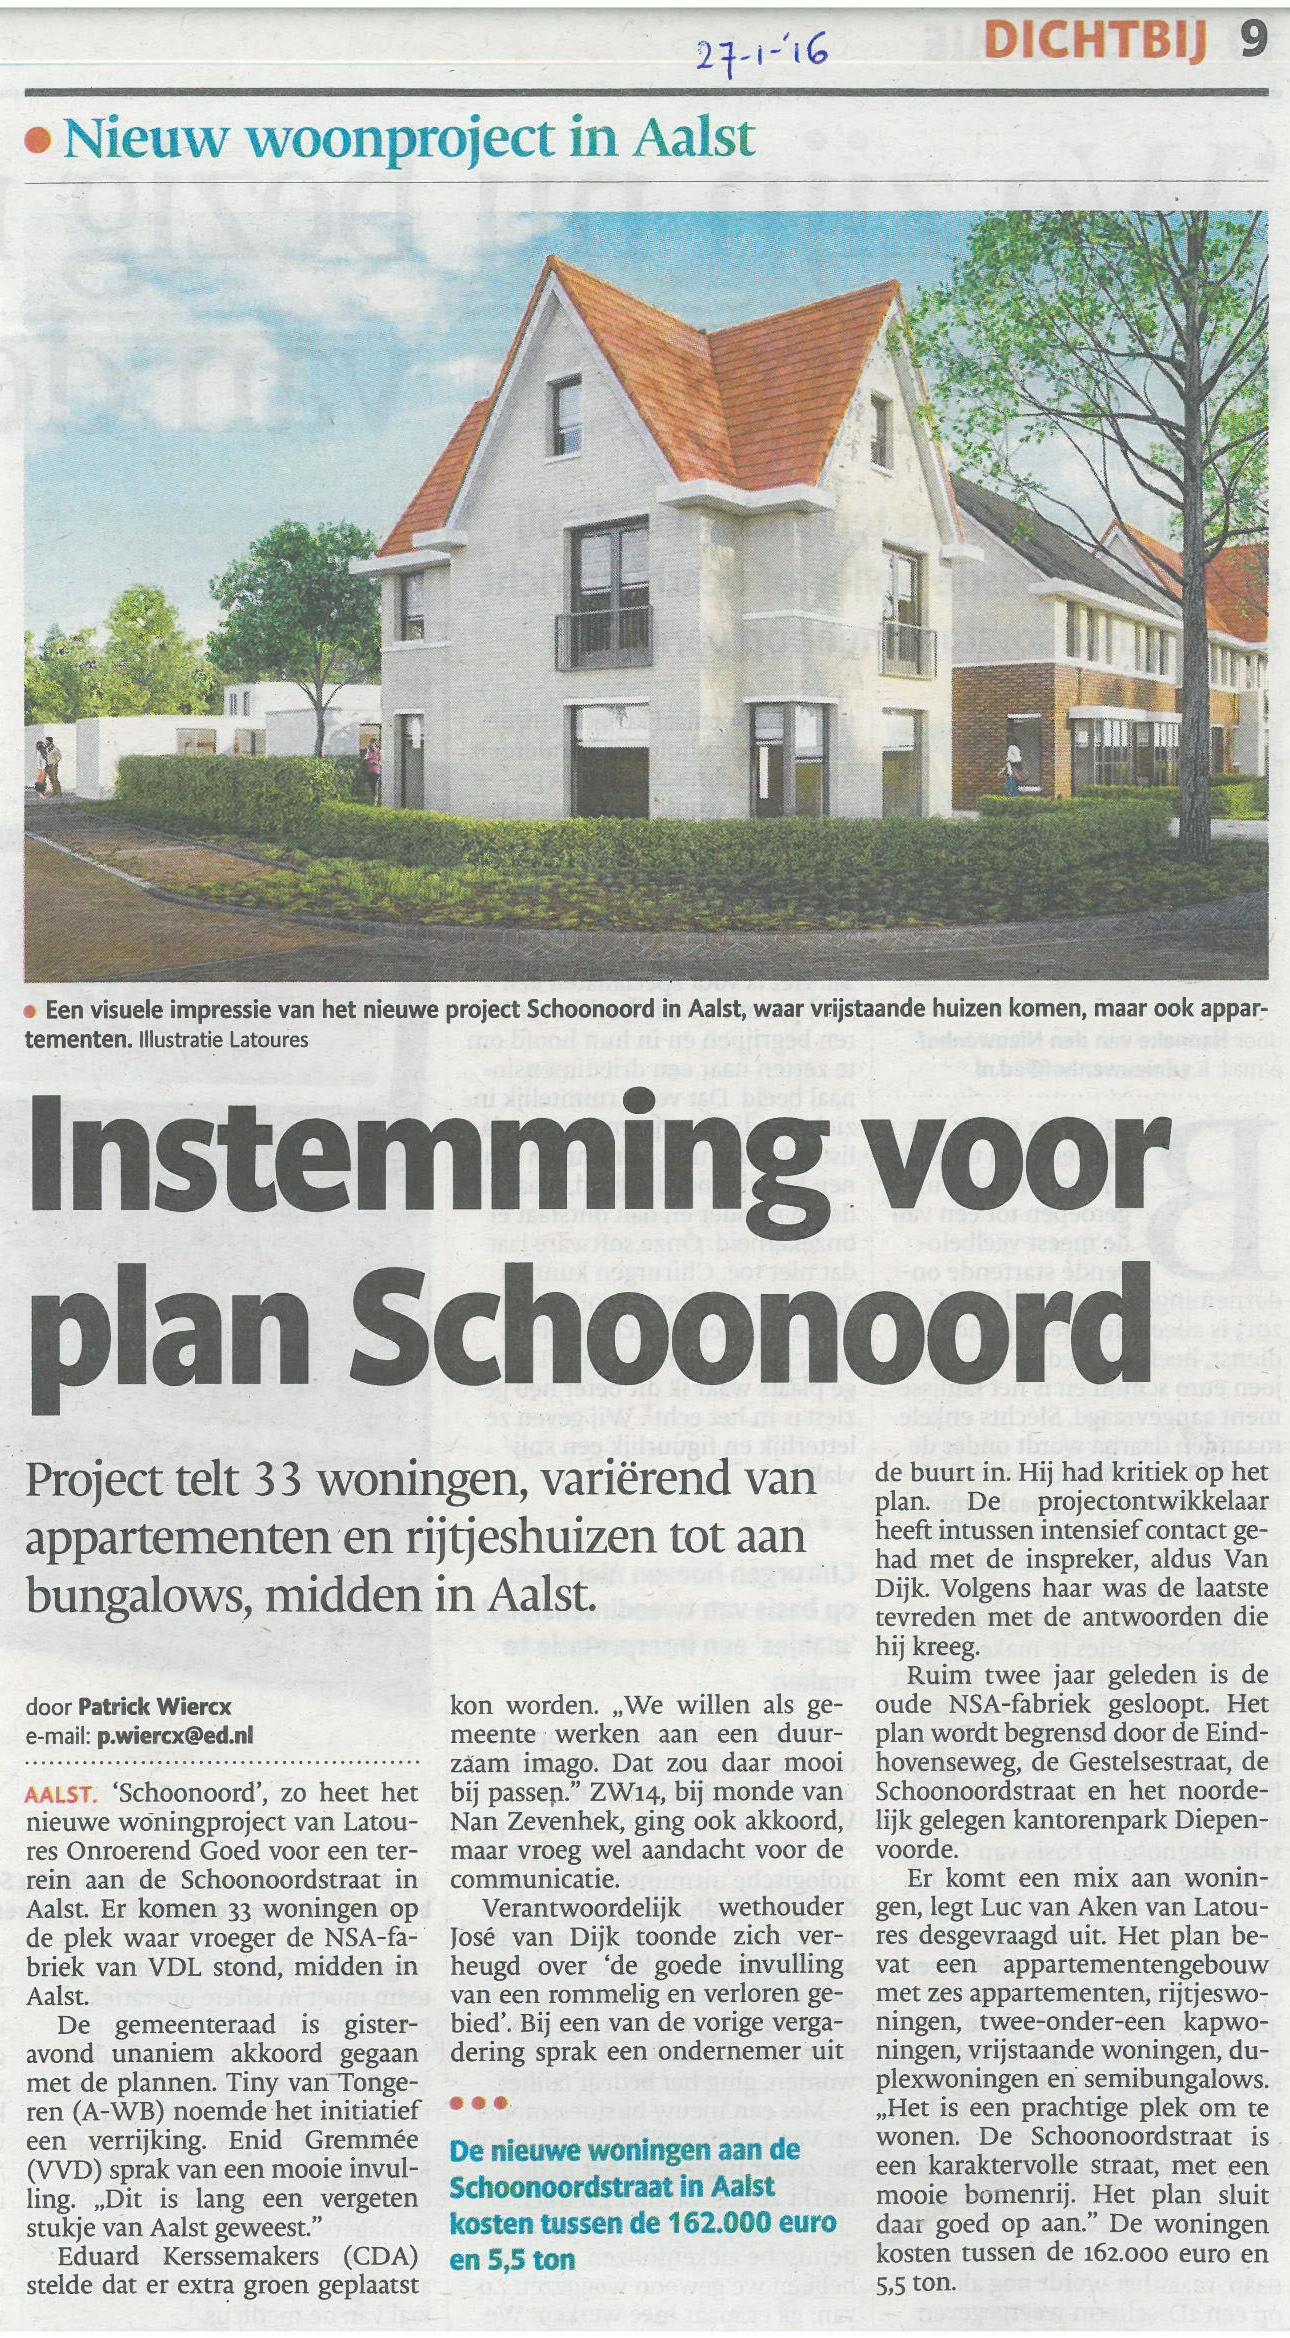 ED - Instemming voor plan Schoonoord 2016-01-27.jpg